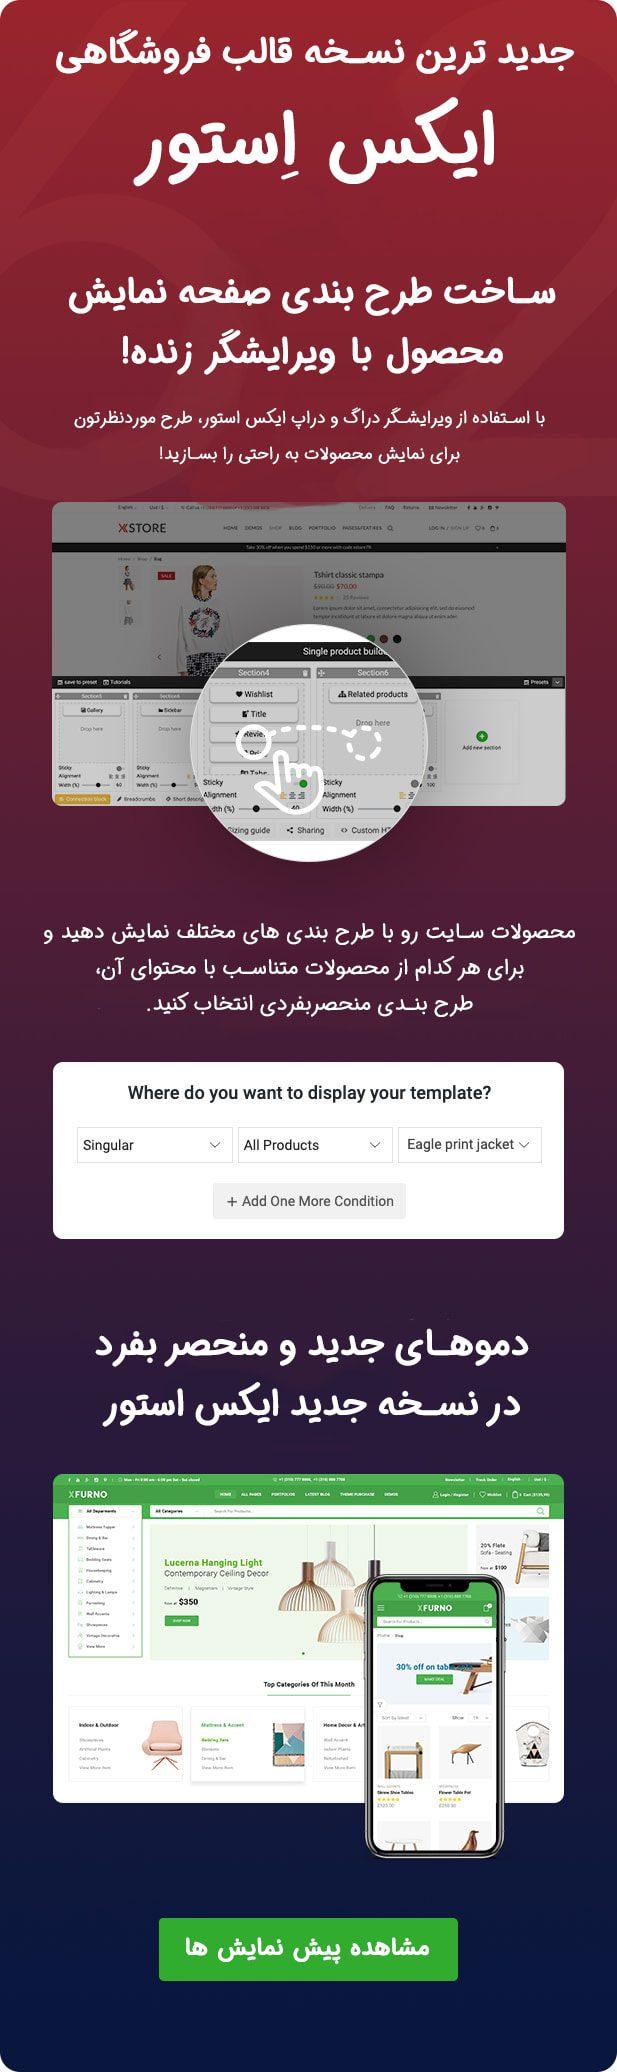 طرح بندی صفحه نمایش/قالب فروشگاهی وردپرس xstore